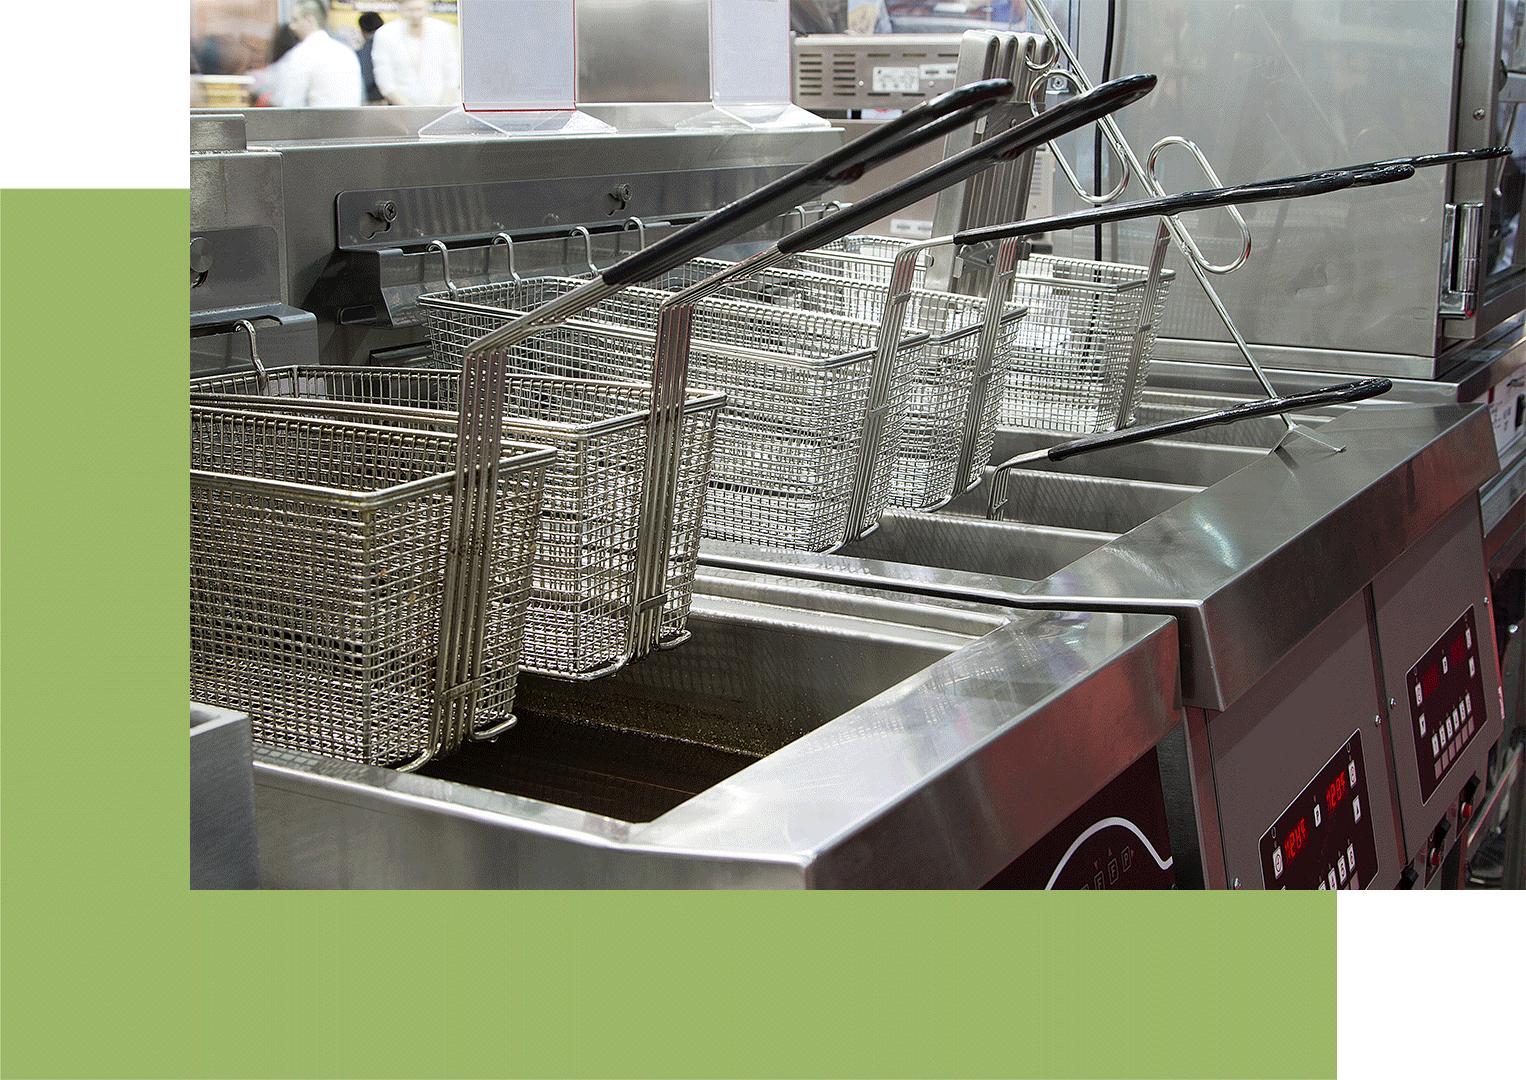 Mantenimiento y limpieza filtros de extractor de cocina Ferrol